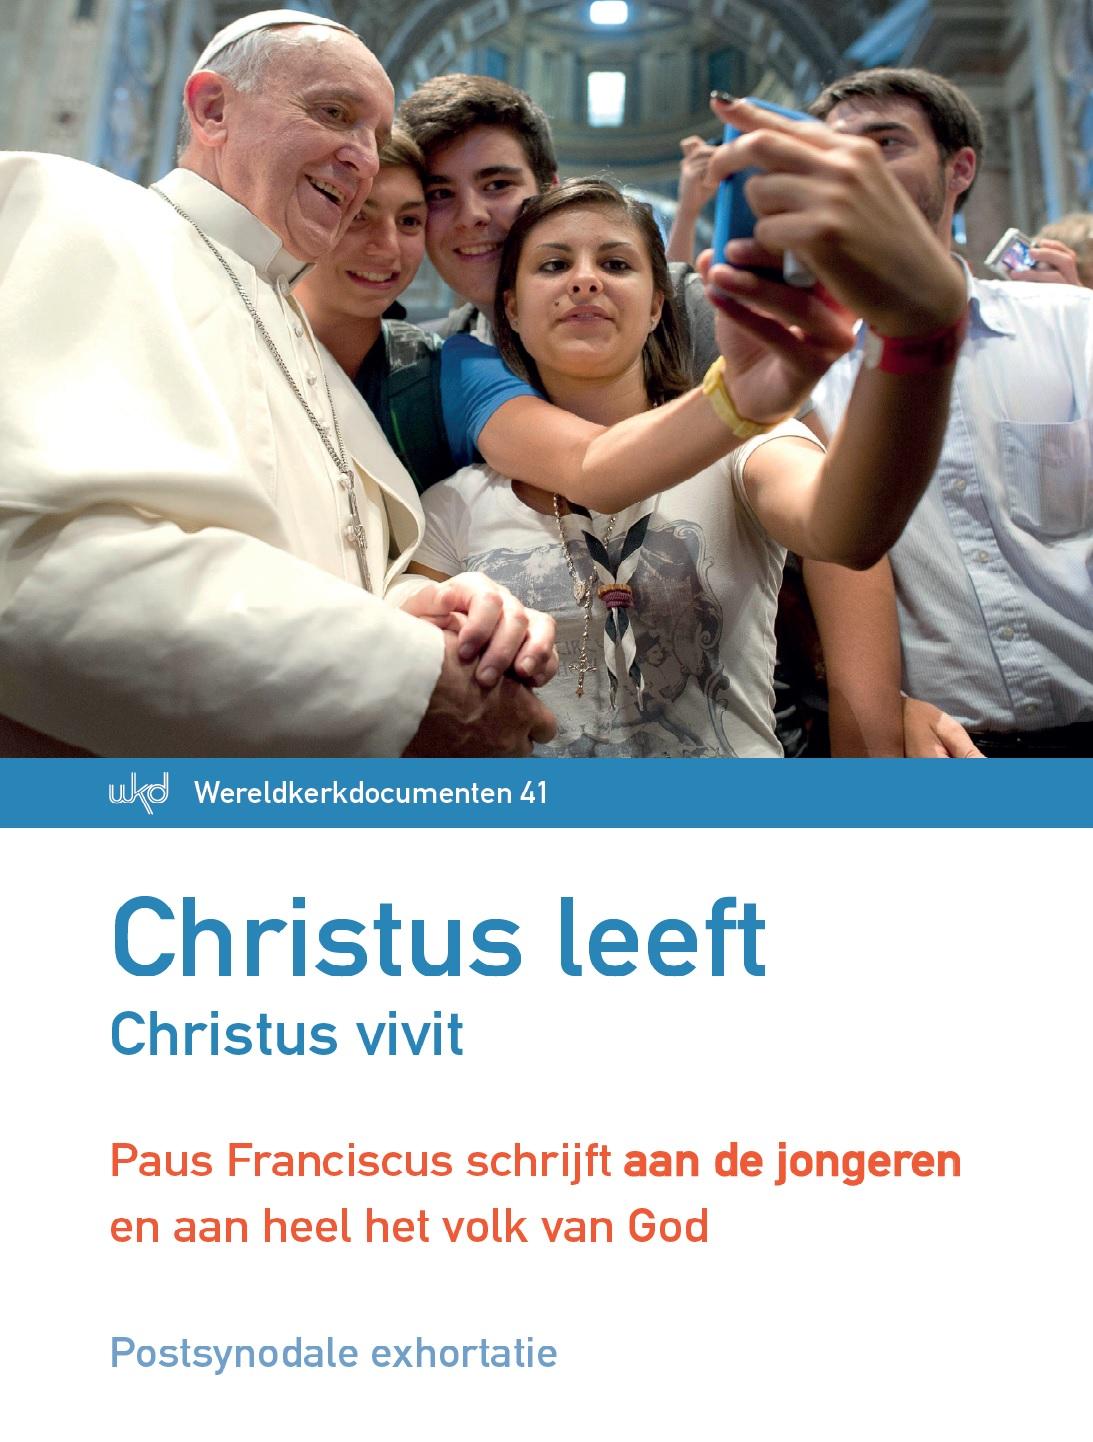 Christus leeft - Christus vivit. Aan de jongeren en aan heel het volk van God, postynodale exhortatie van paus Franciscus © Licap - IPID